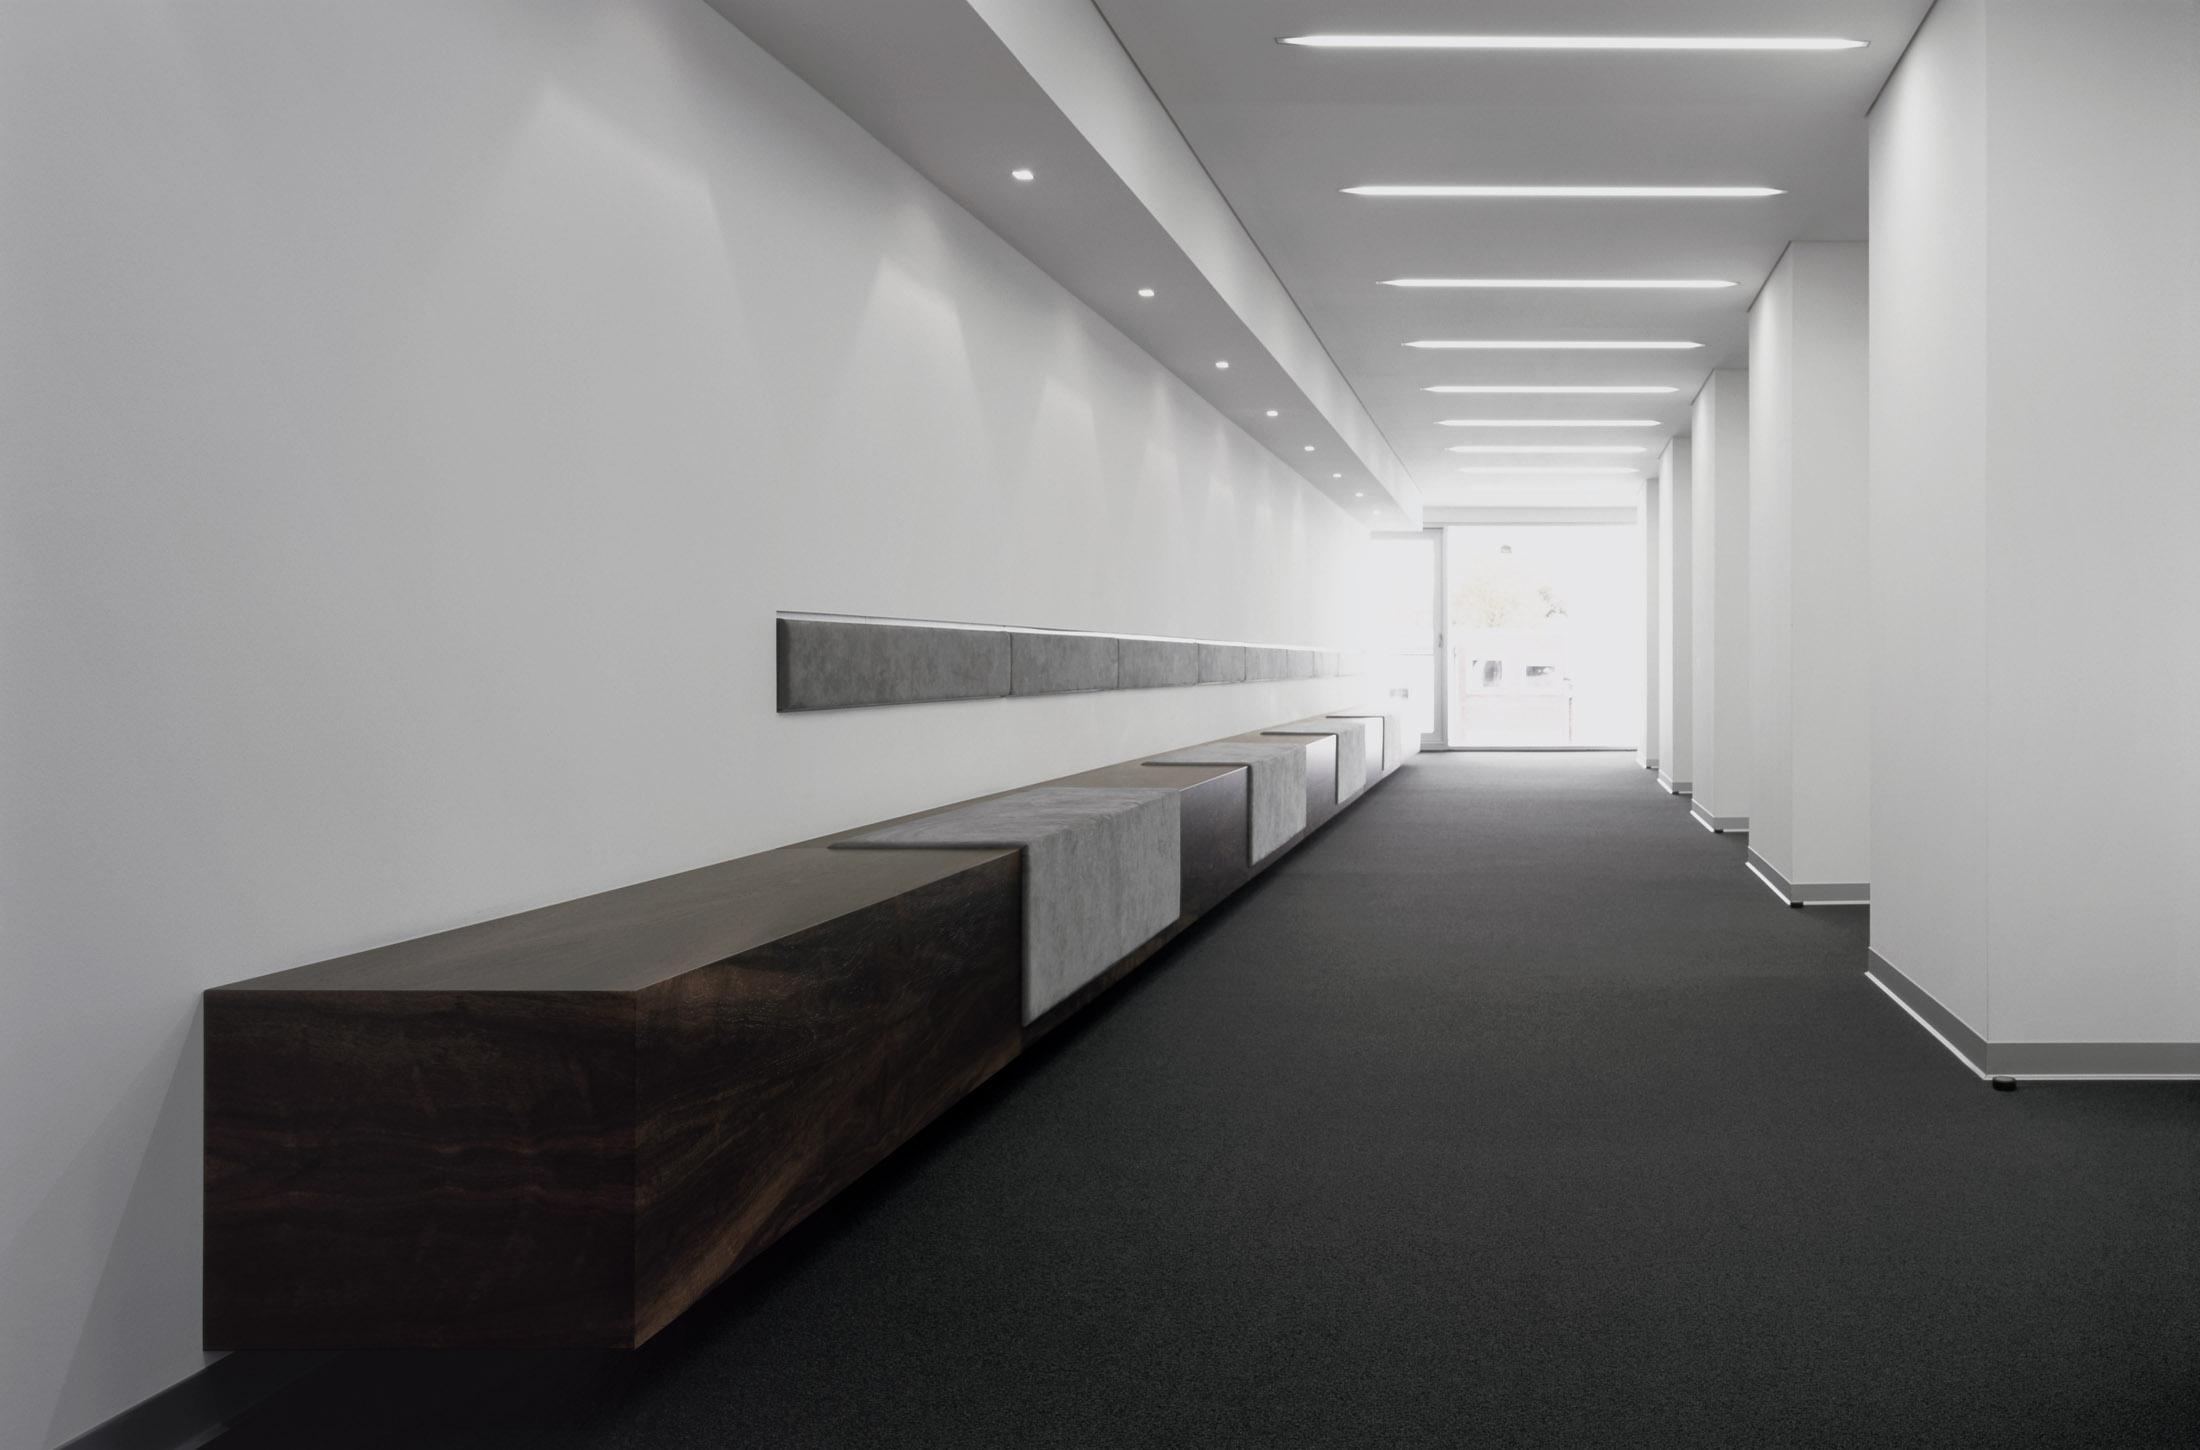 bmw niederlassung hamburg city s d dfz architekten. Black Bedroom Furniture Sets. Home Design Ideas